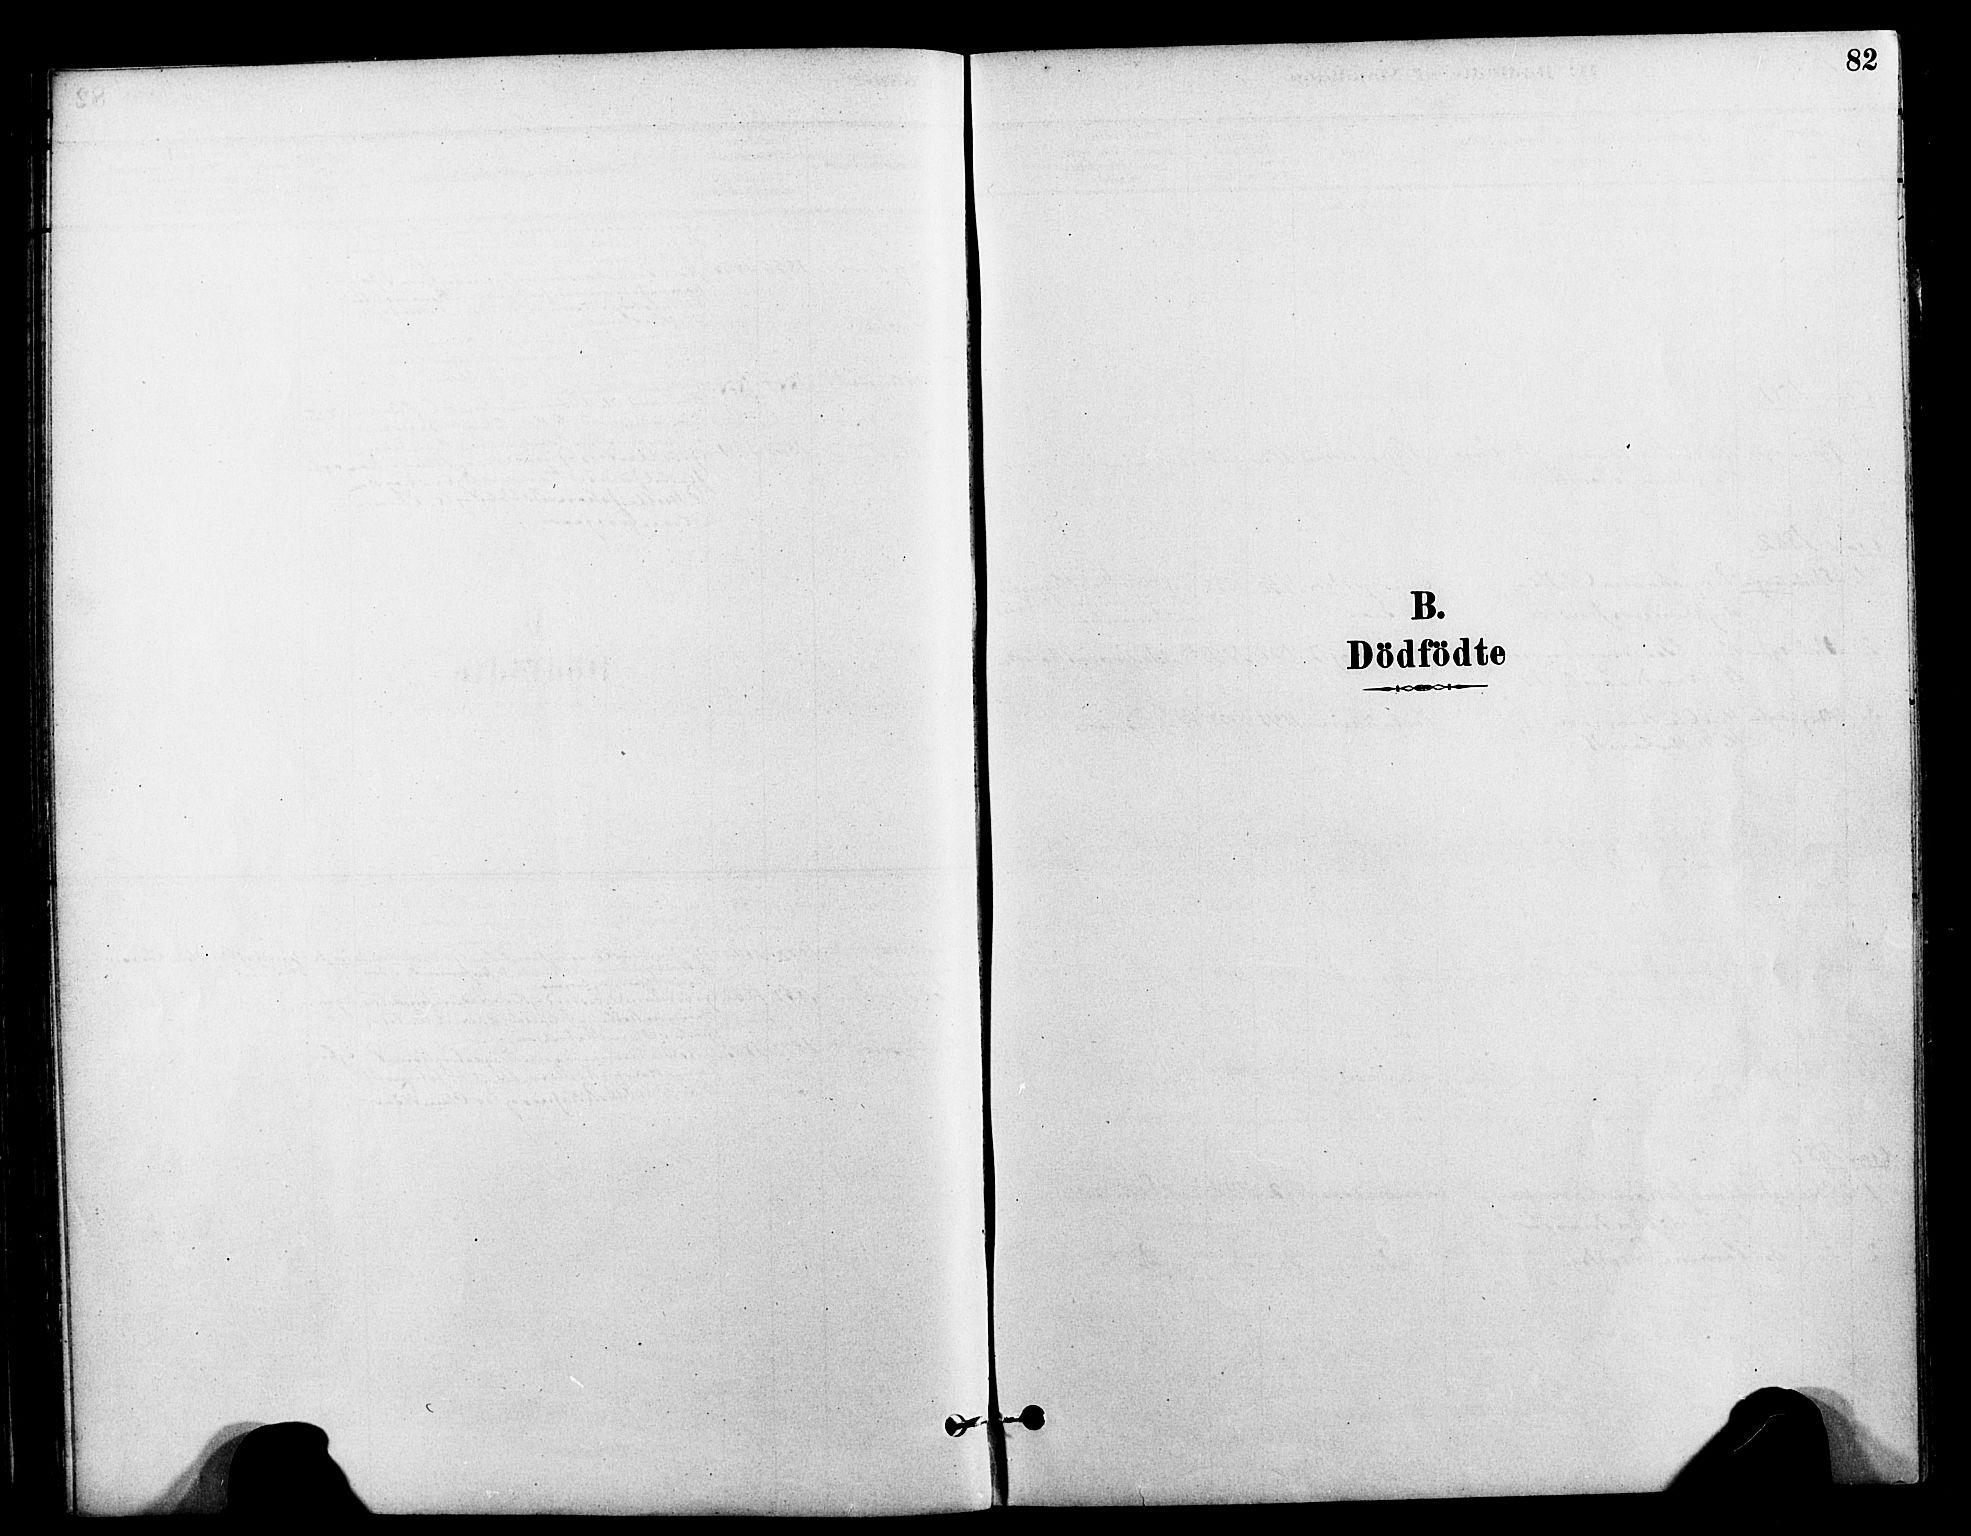 SAT, Ministerialprotokoller, klokkerbøker og fødselsregistre - Nord-Trøndelag, 712/L0100: Ministerialbok nr. 712A01, 1880-1900, s. 82